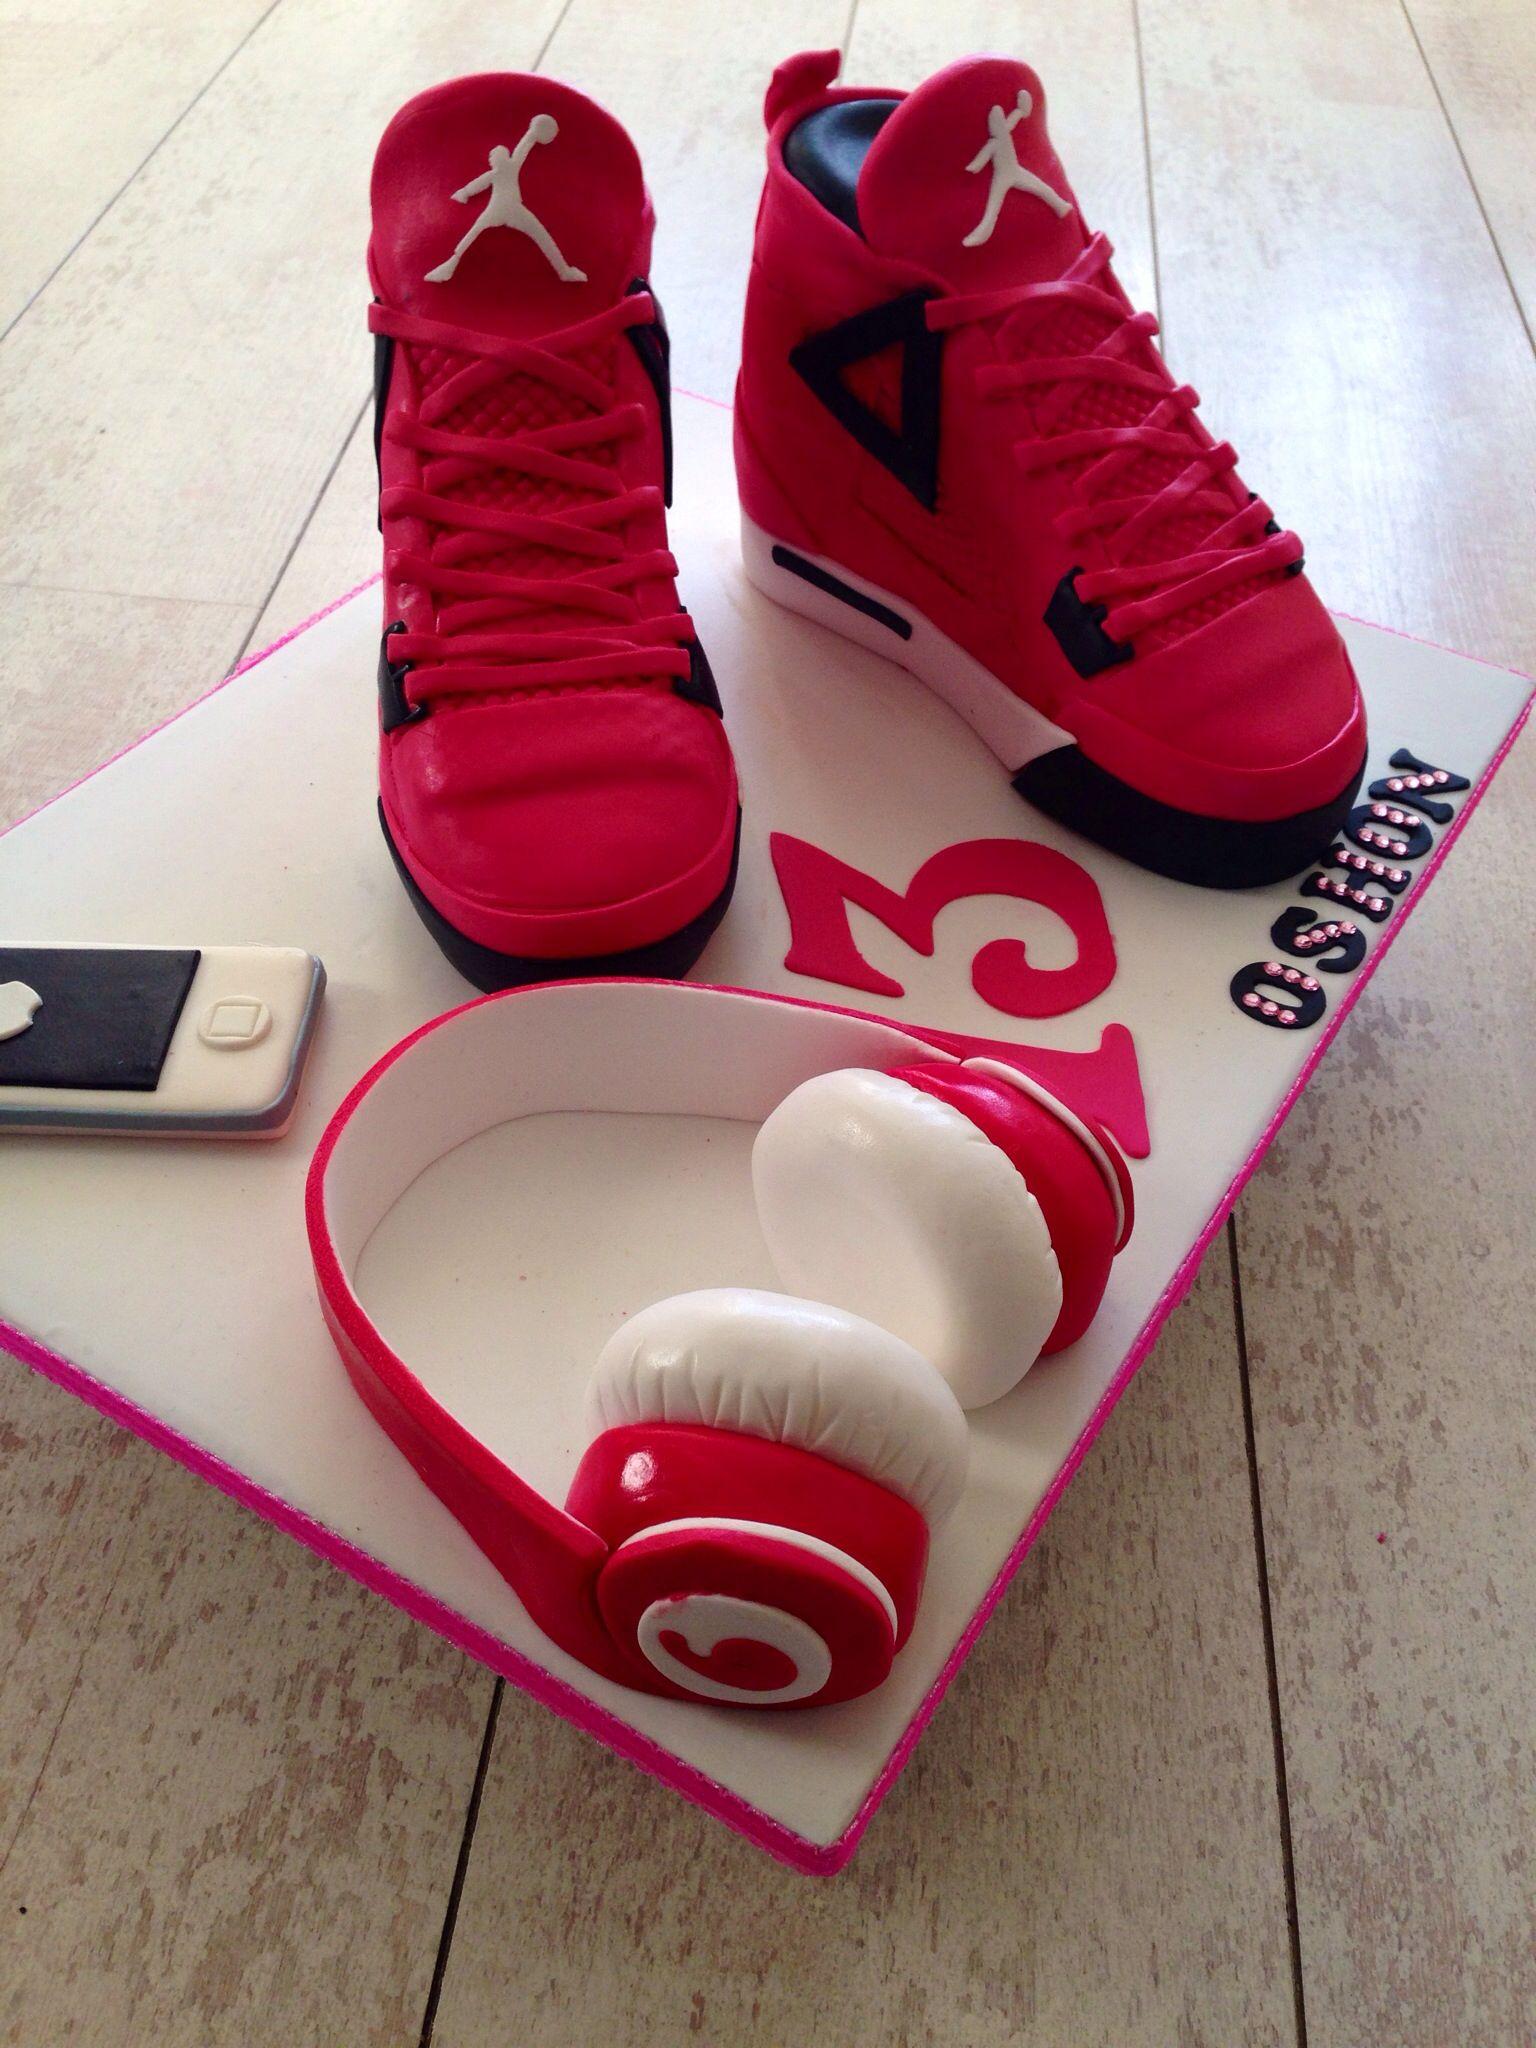 Koujiaofangliao On My Love For Baking Nike Cake